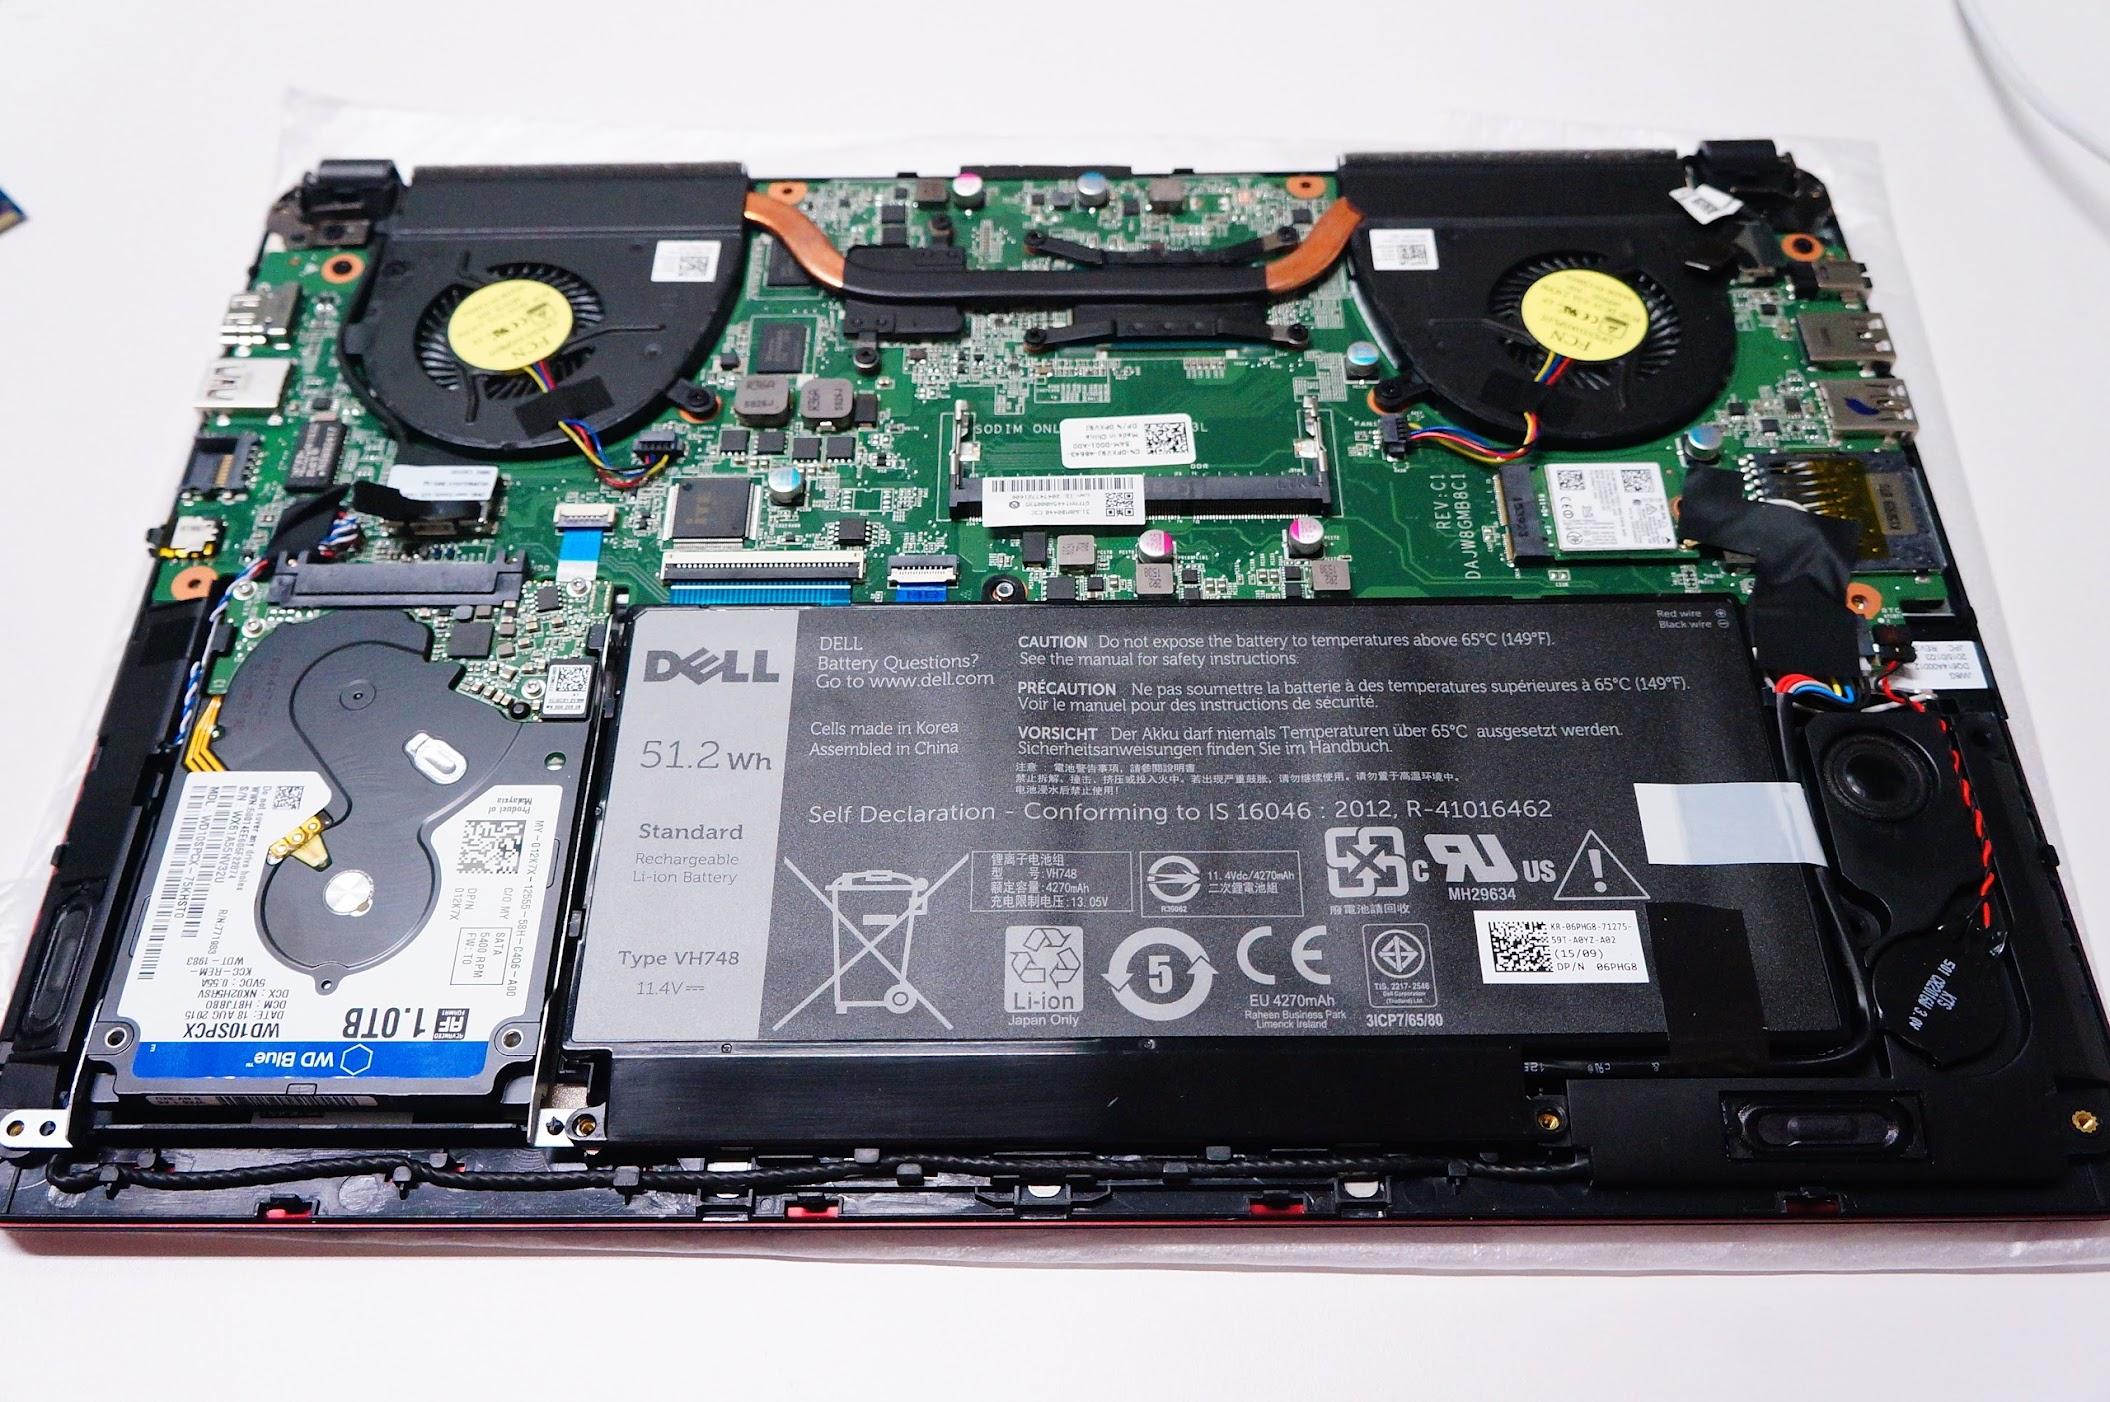 剛回來就拆機了!!! 預設是4G ram,1T藍標WD硬碟.....還好都很好換掉XDD